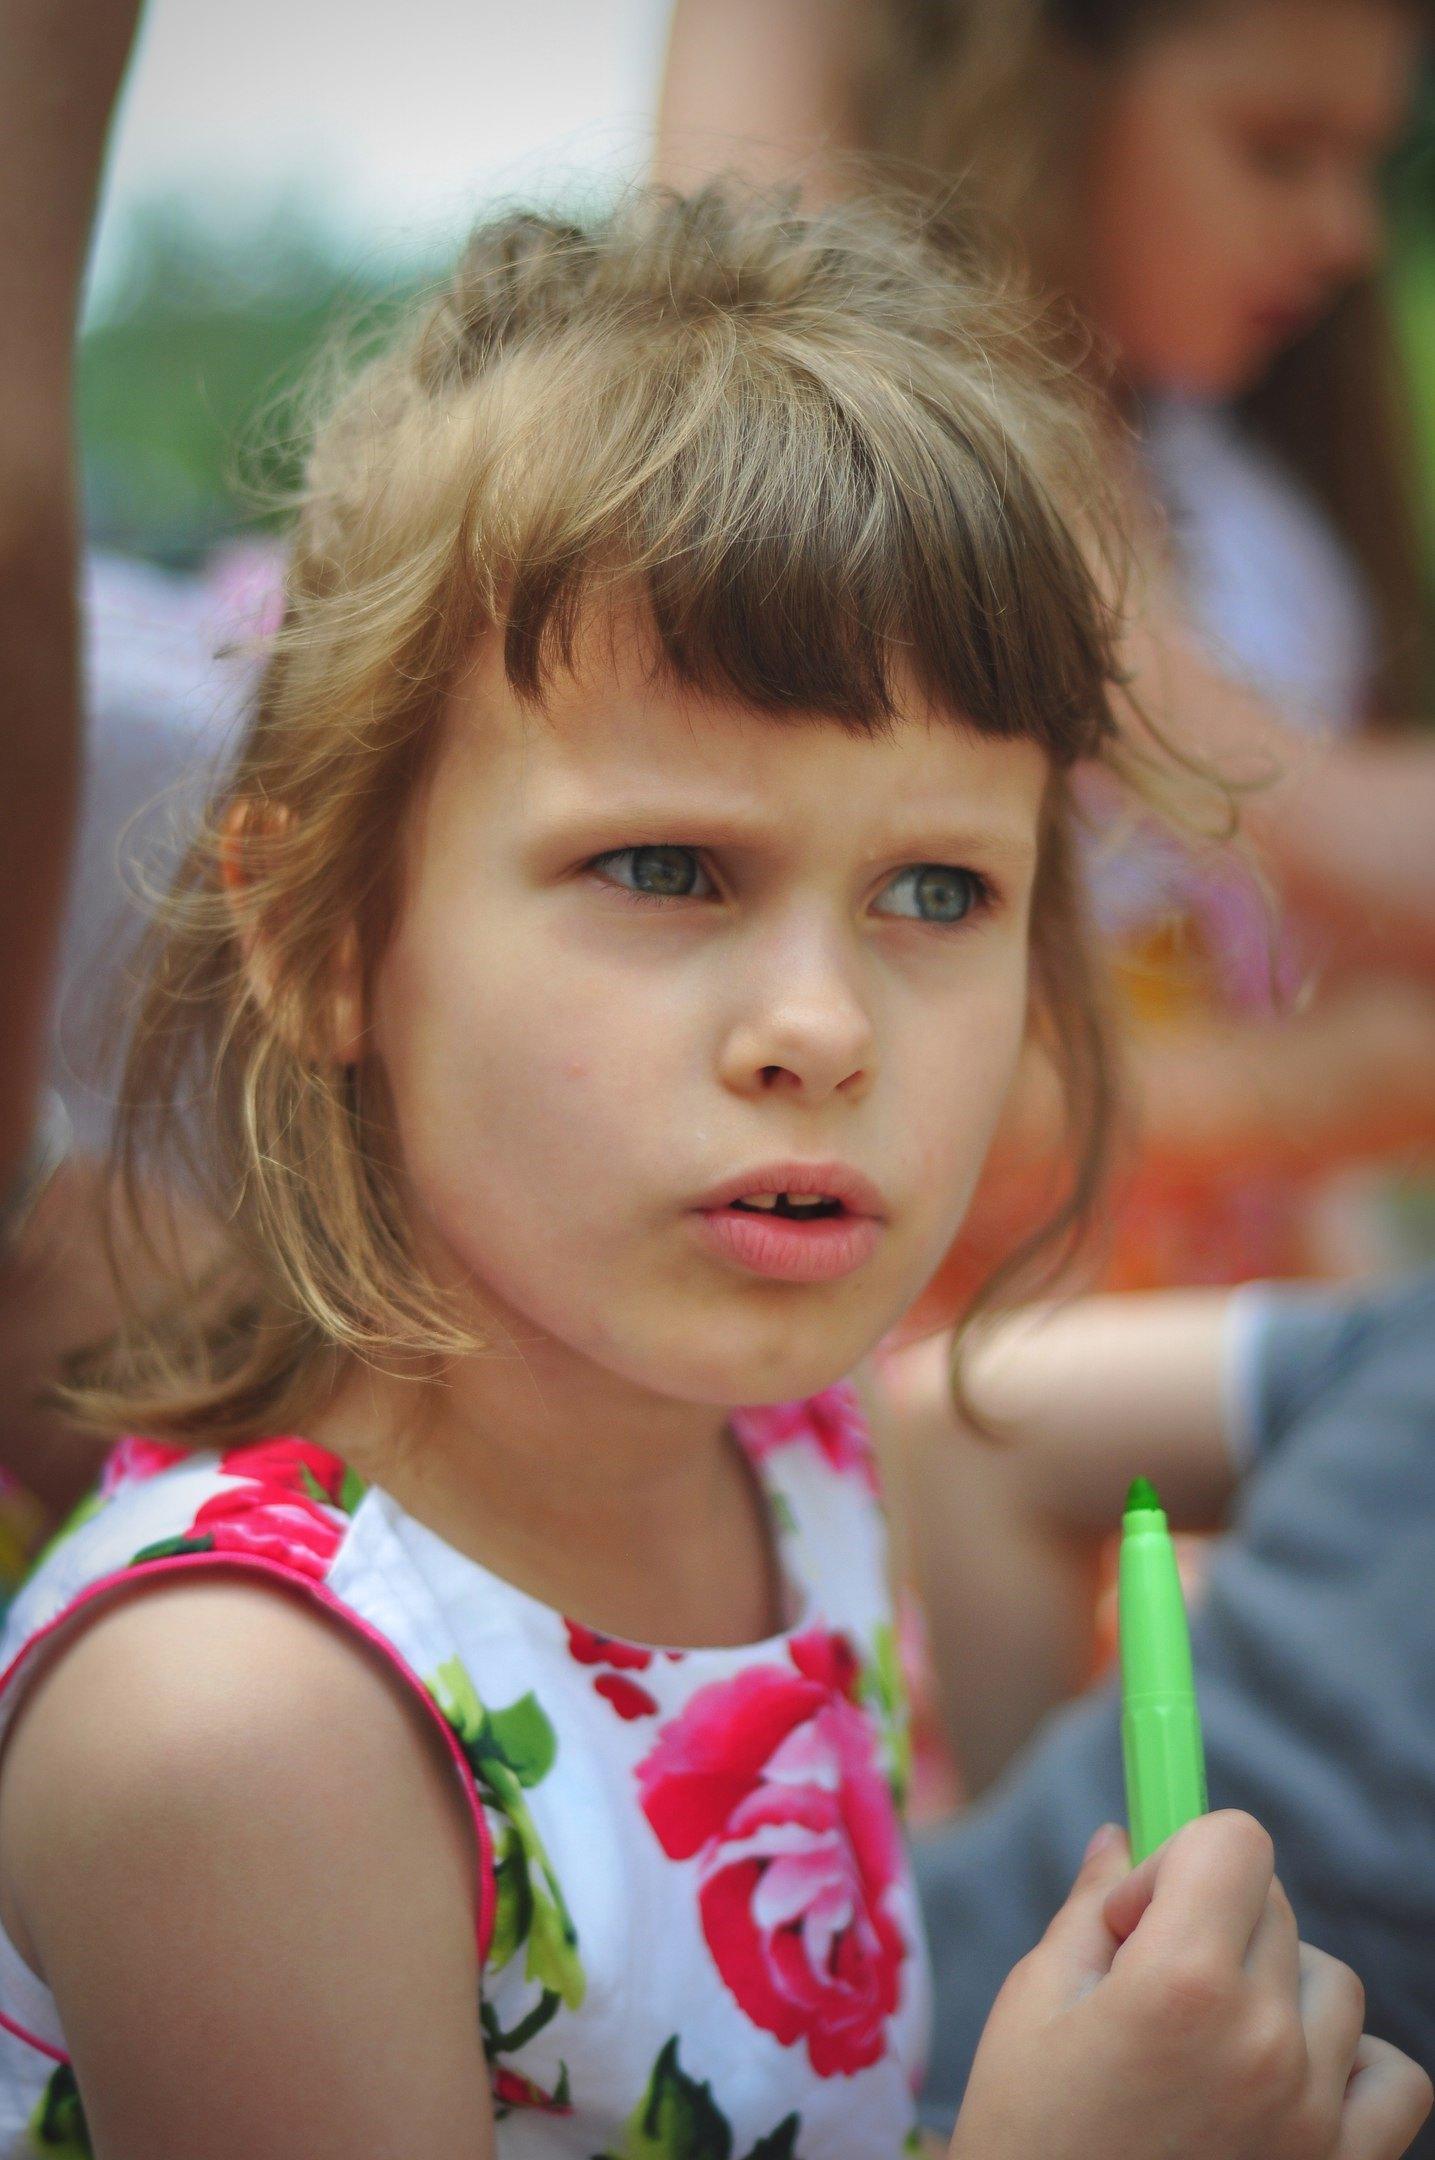 24.06.2016, вып. в Лесовичке, фото О. Сидяковой, 30